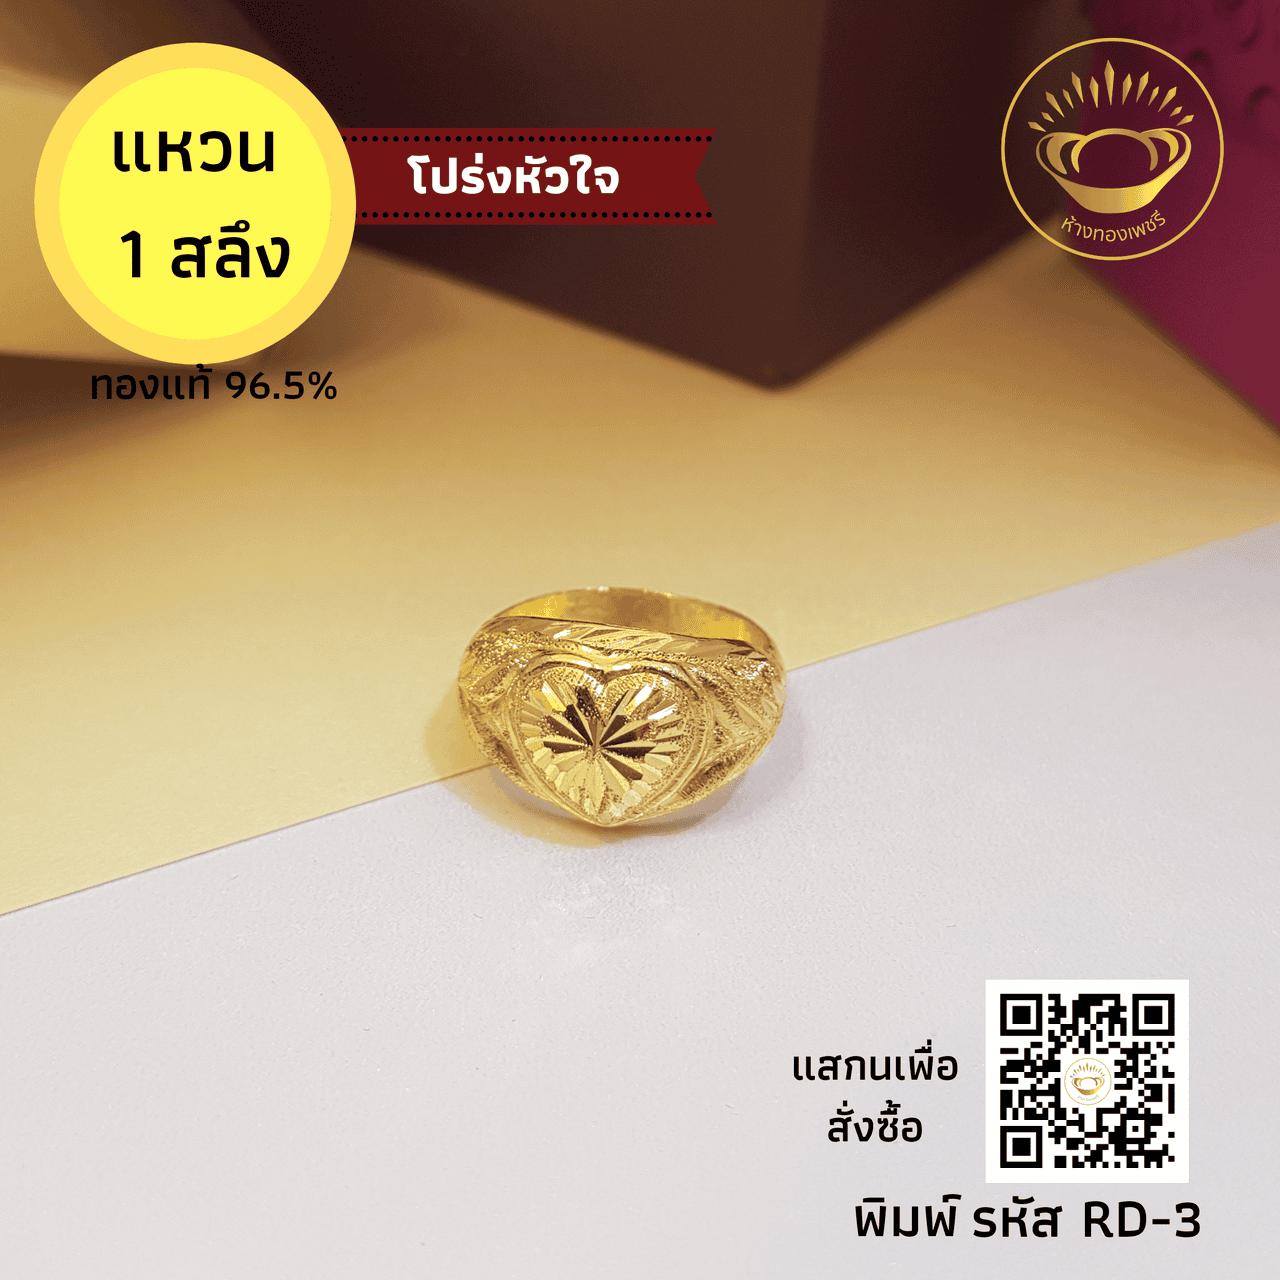 แหวนทองคำแท้ 1สลึง(3.79 กรัม)  โปร่งหัวใจ RD-3